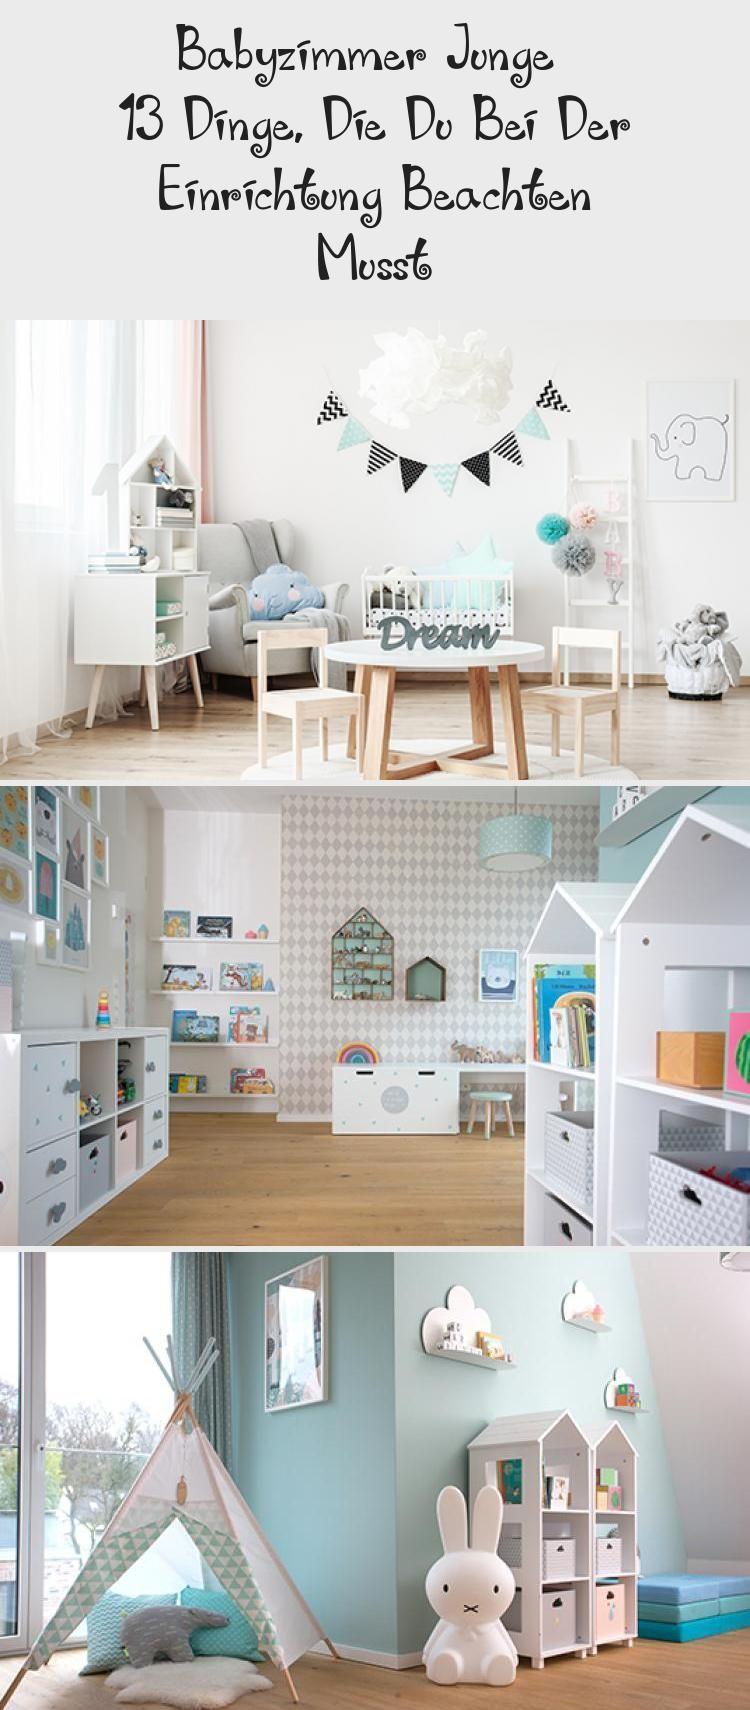 Junge Baby Zimmer Jungewanddekoration Baby Zimmer Jungetree